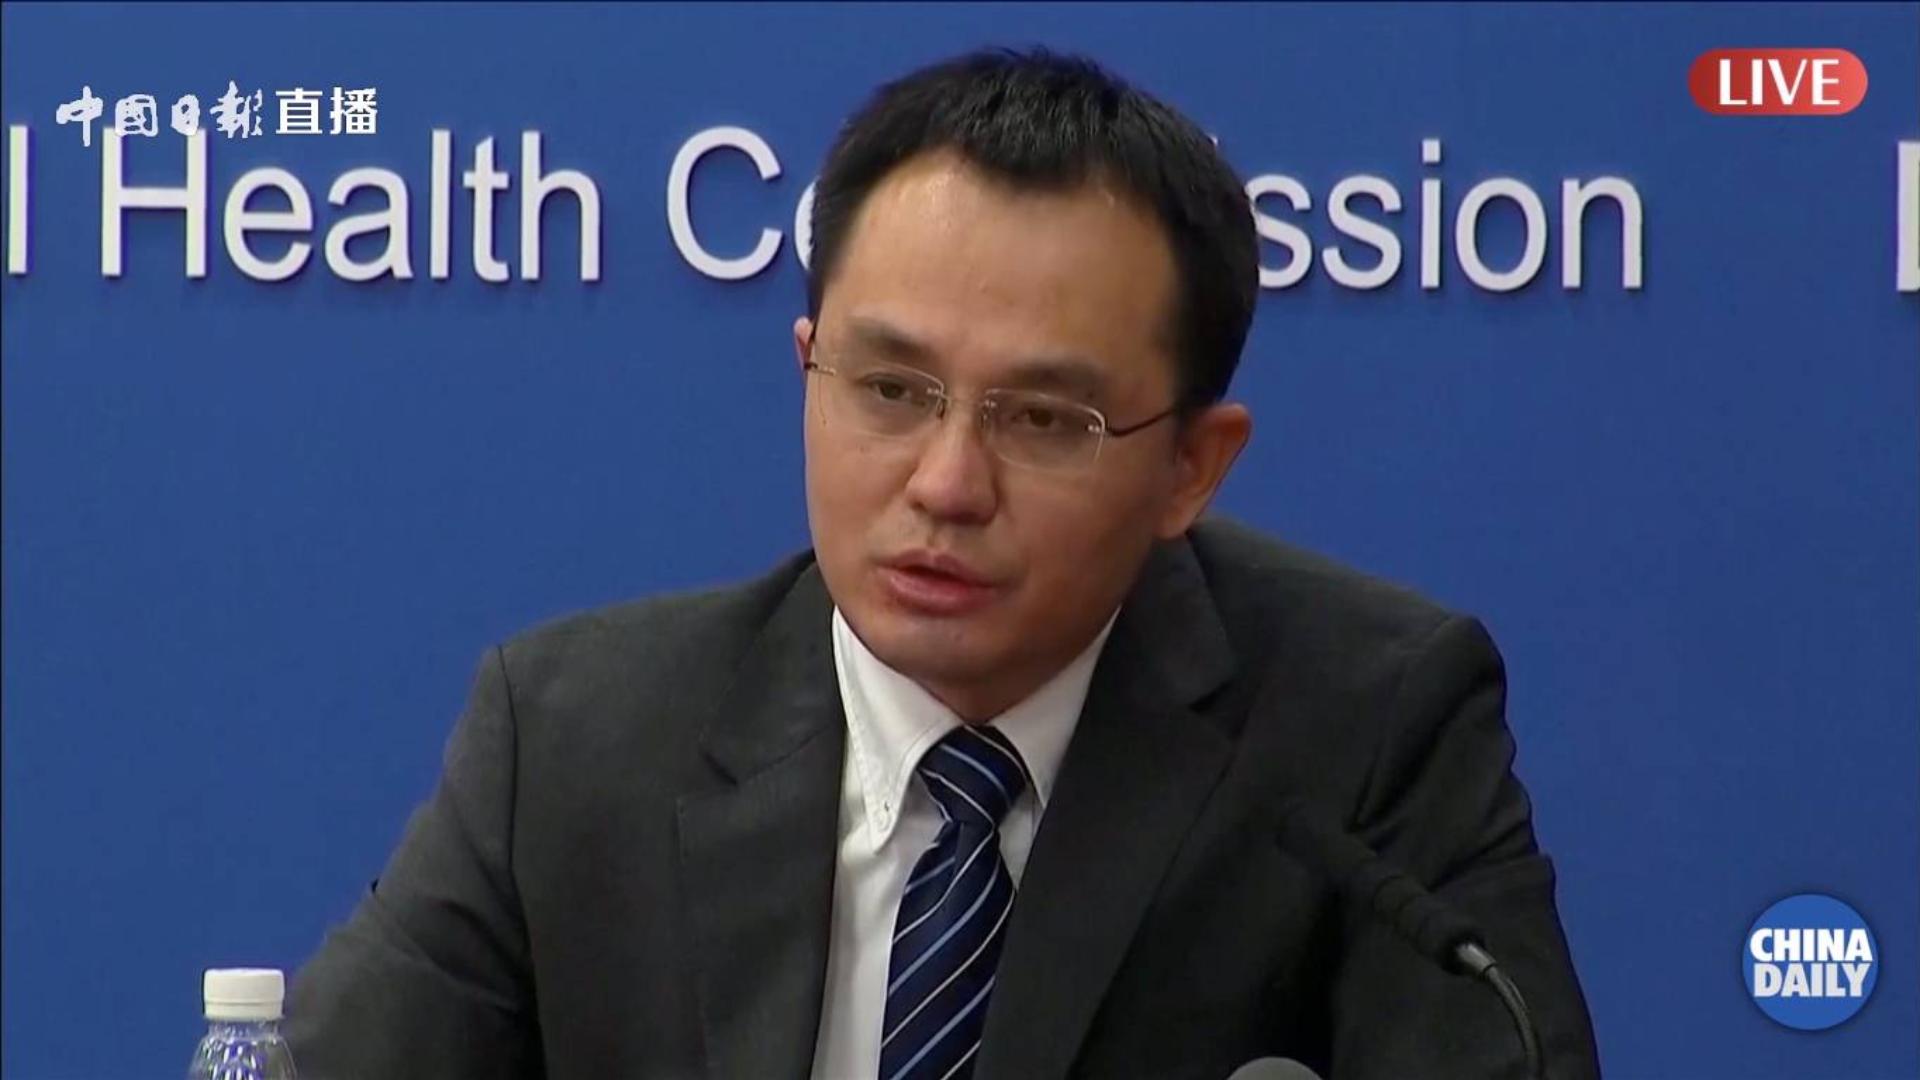 国家卫健委:对于轻症新冠肺炎感染患者治愈后应该没有后遗症 但仍有感染可能